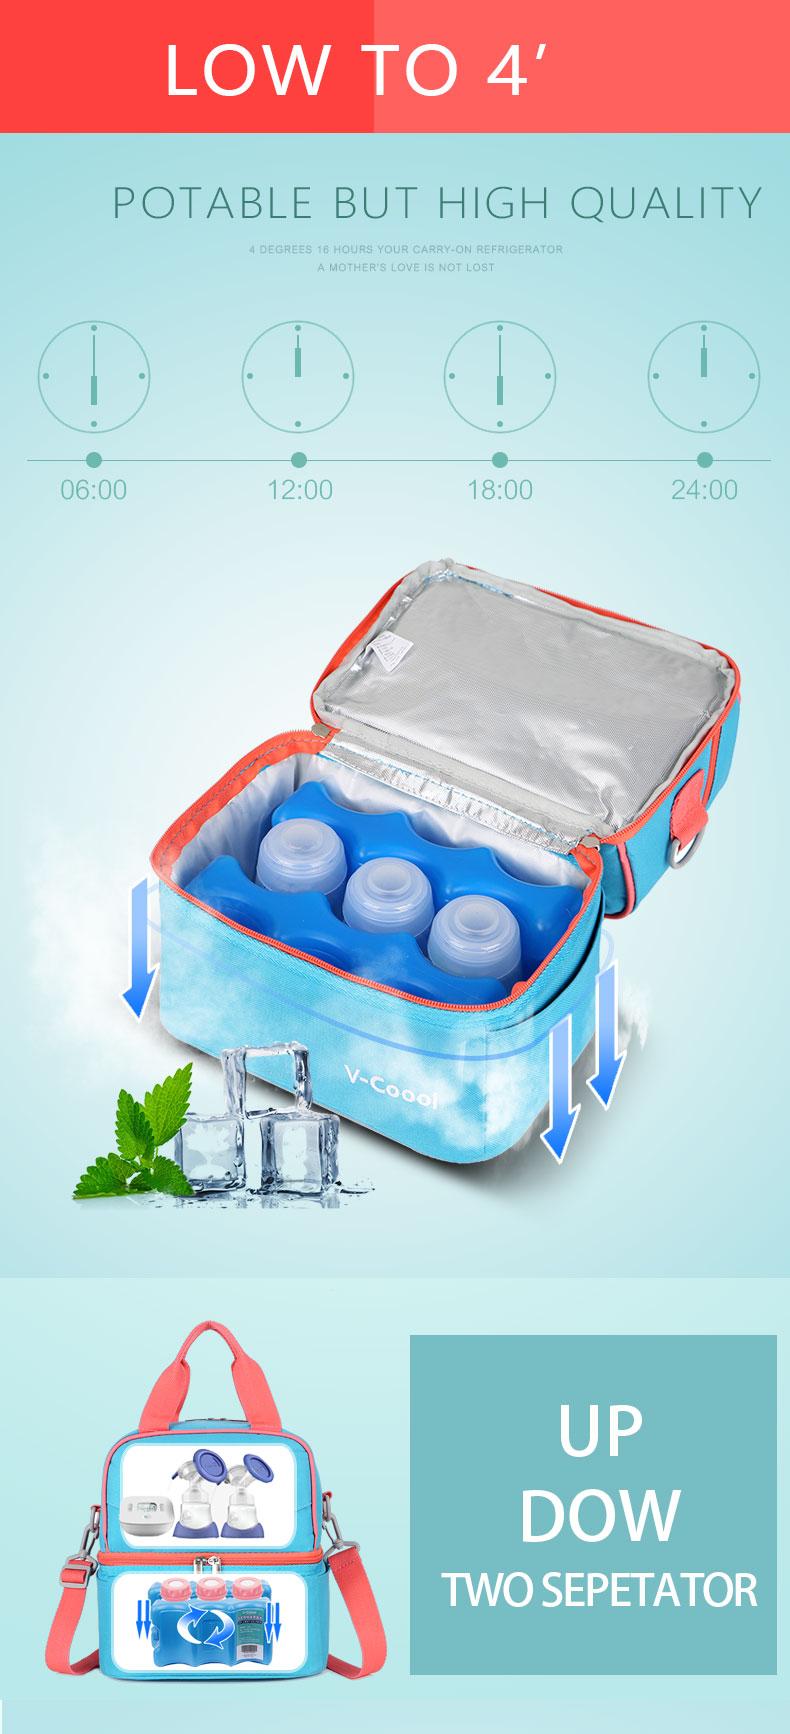 Sacs isothermes de haute qualité sac isotherme de haute qualité haute qualité coles sac isotherme